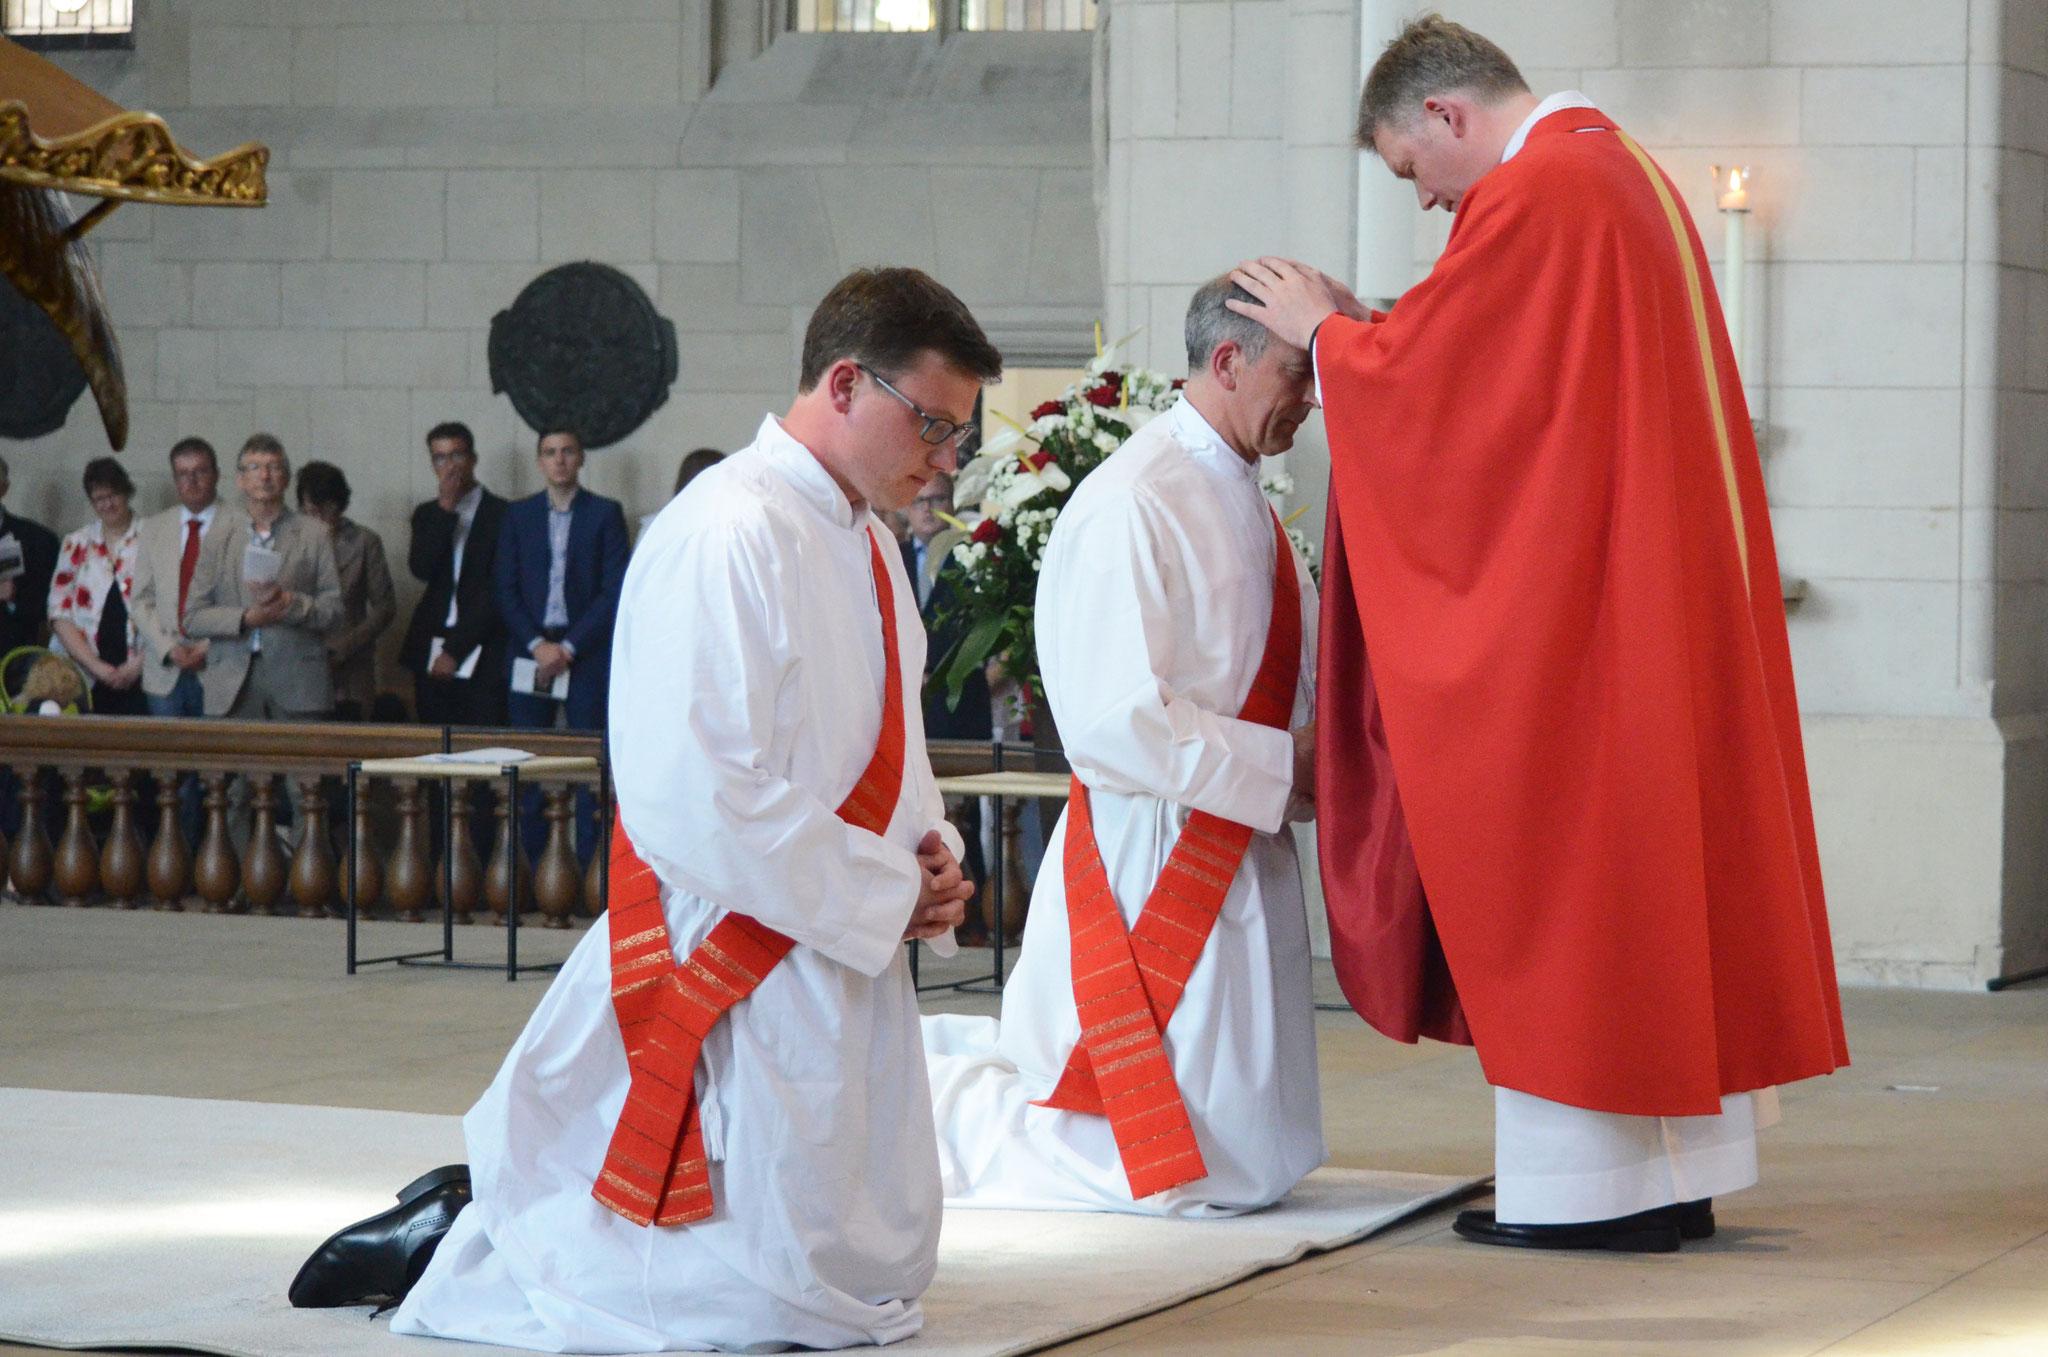 Handauflegung vor der Weihe - Foto: mit freundlicher Genehmigung des Bistums Münster